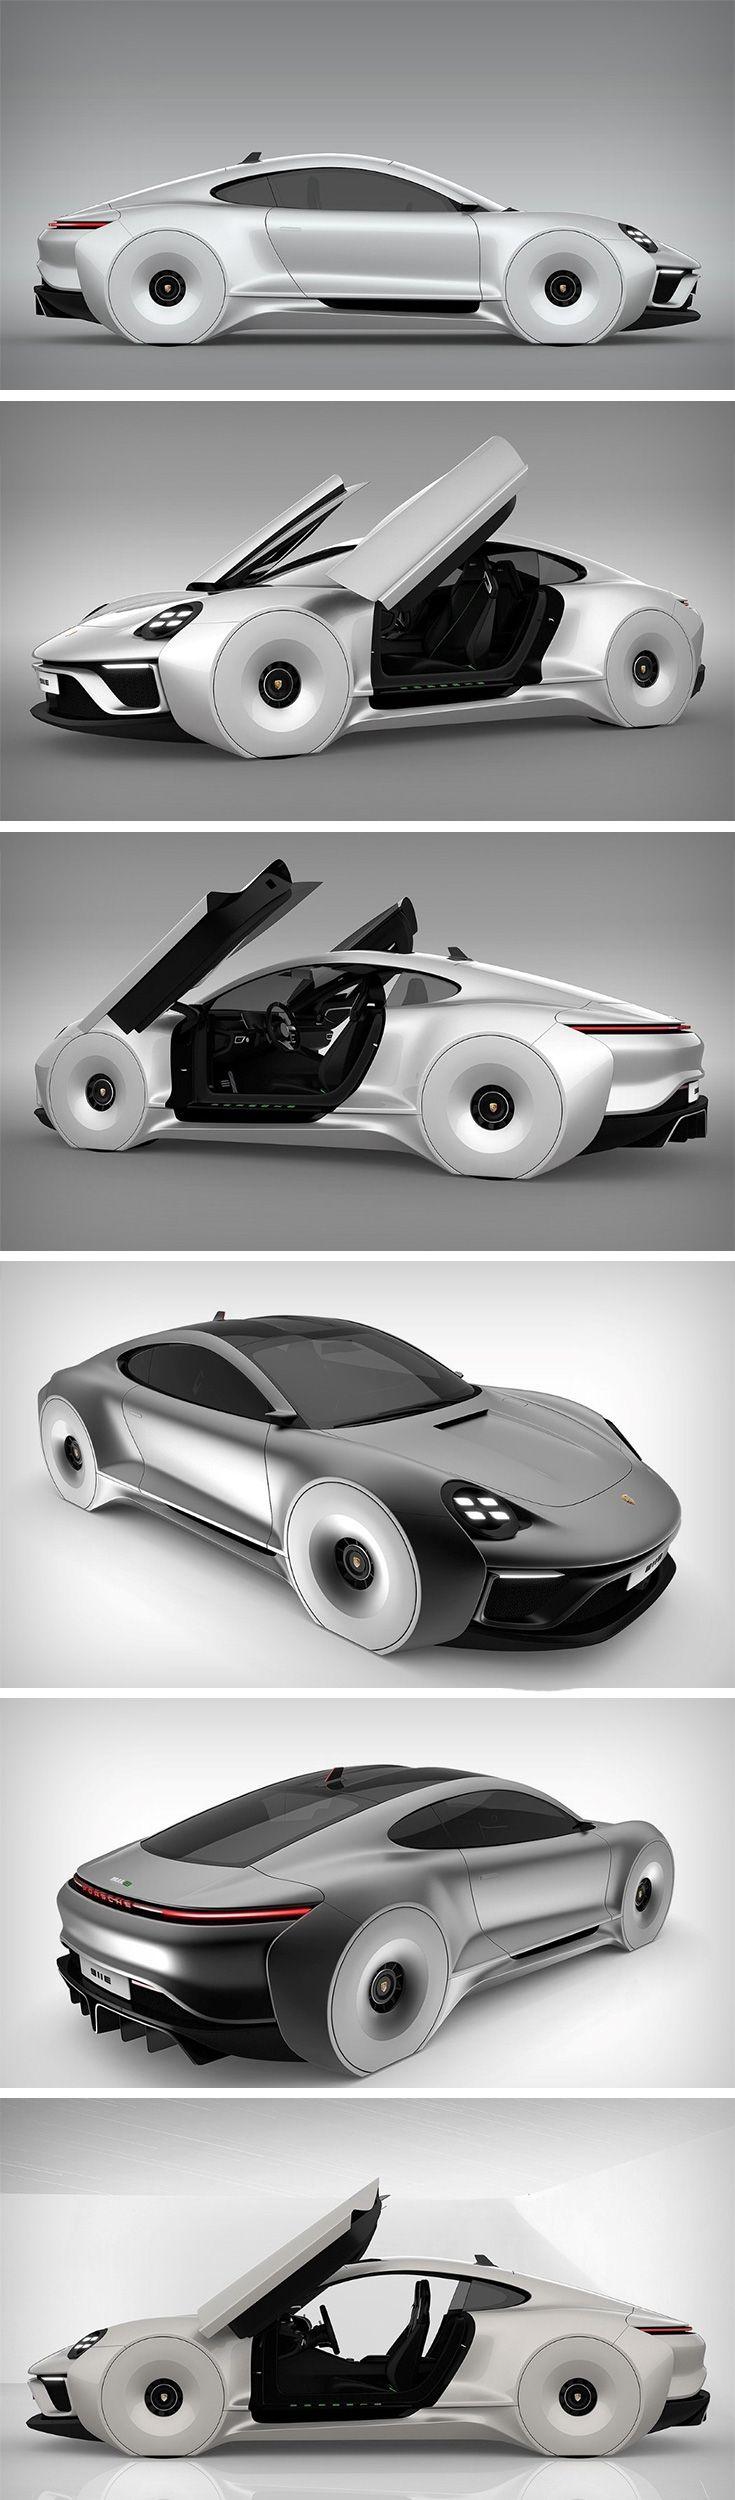 A Posh Porsche from the near future!